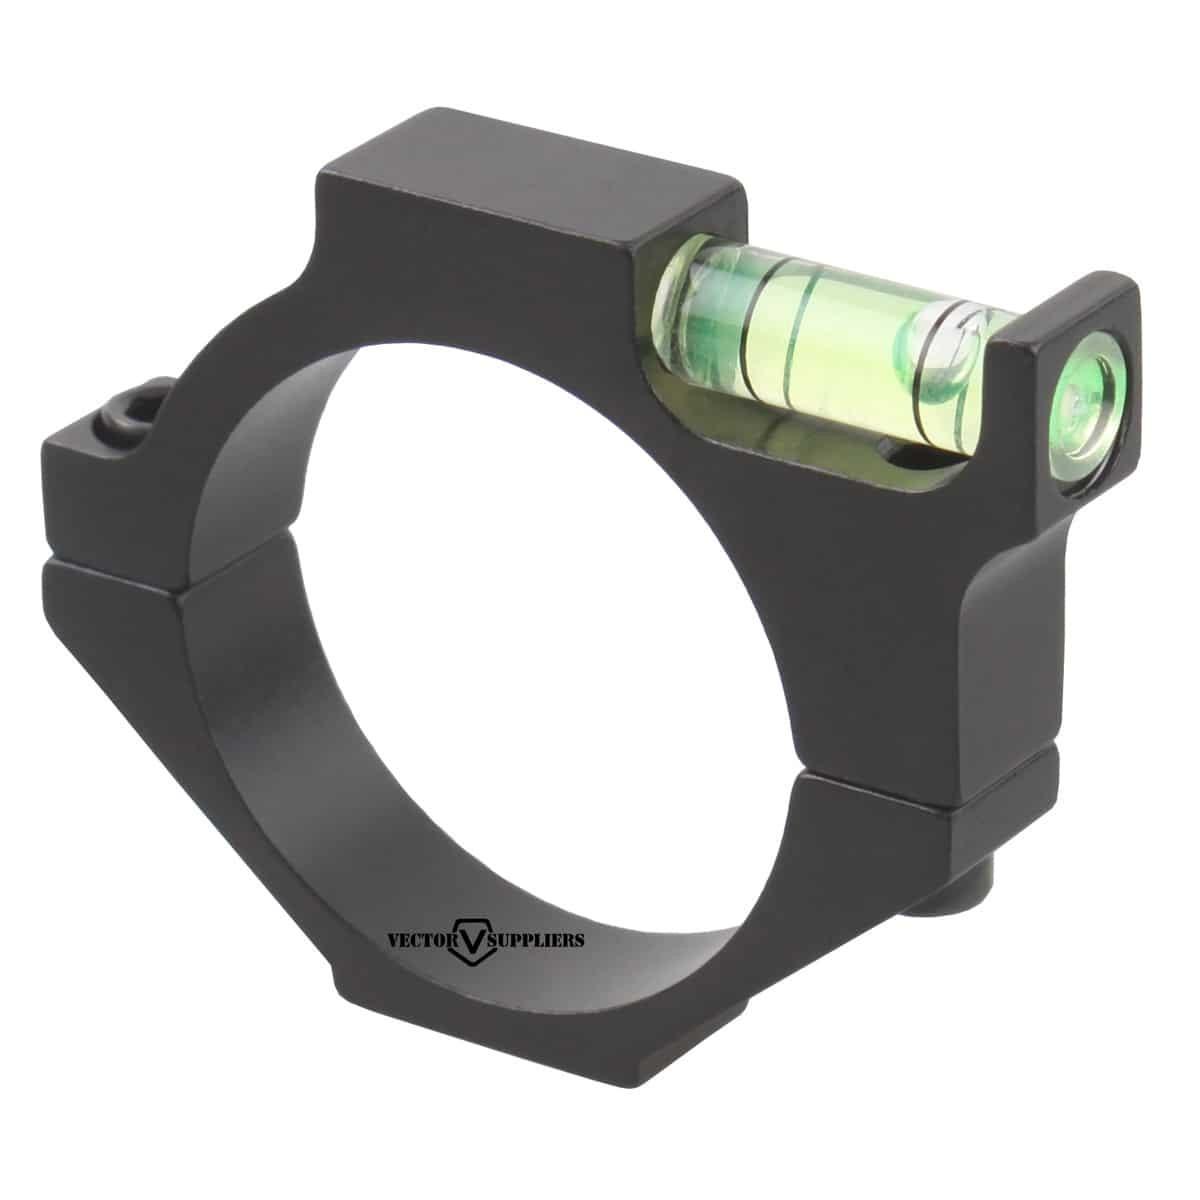 25.4mm Offest Bubble ACD Mount